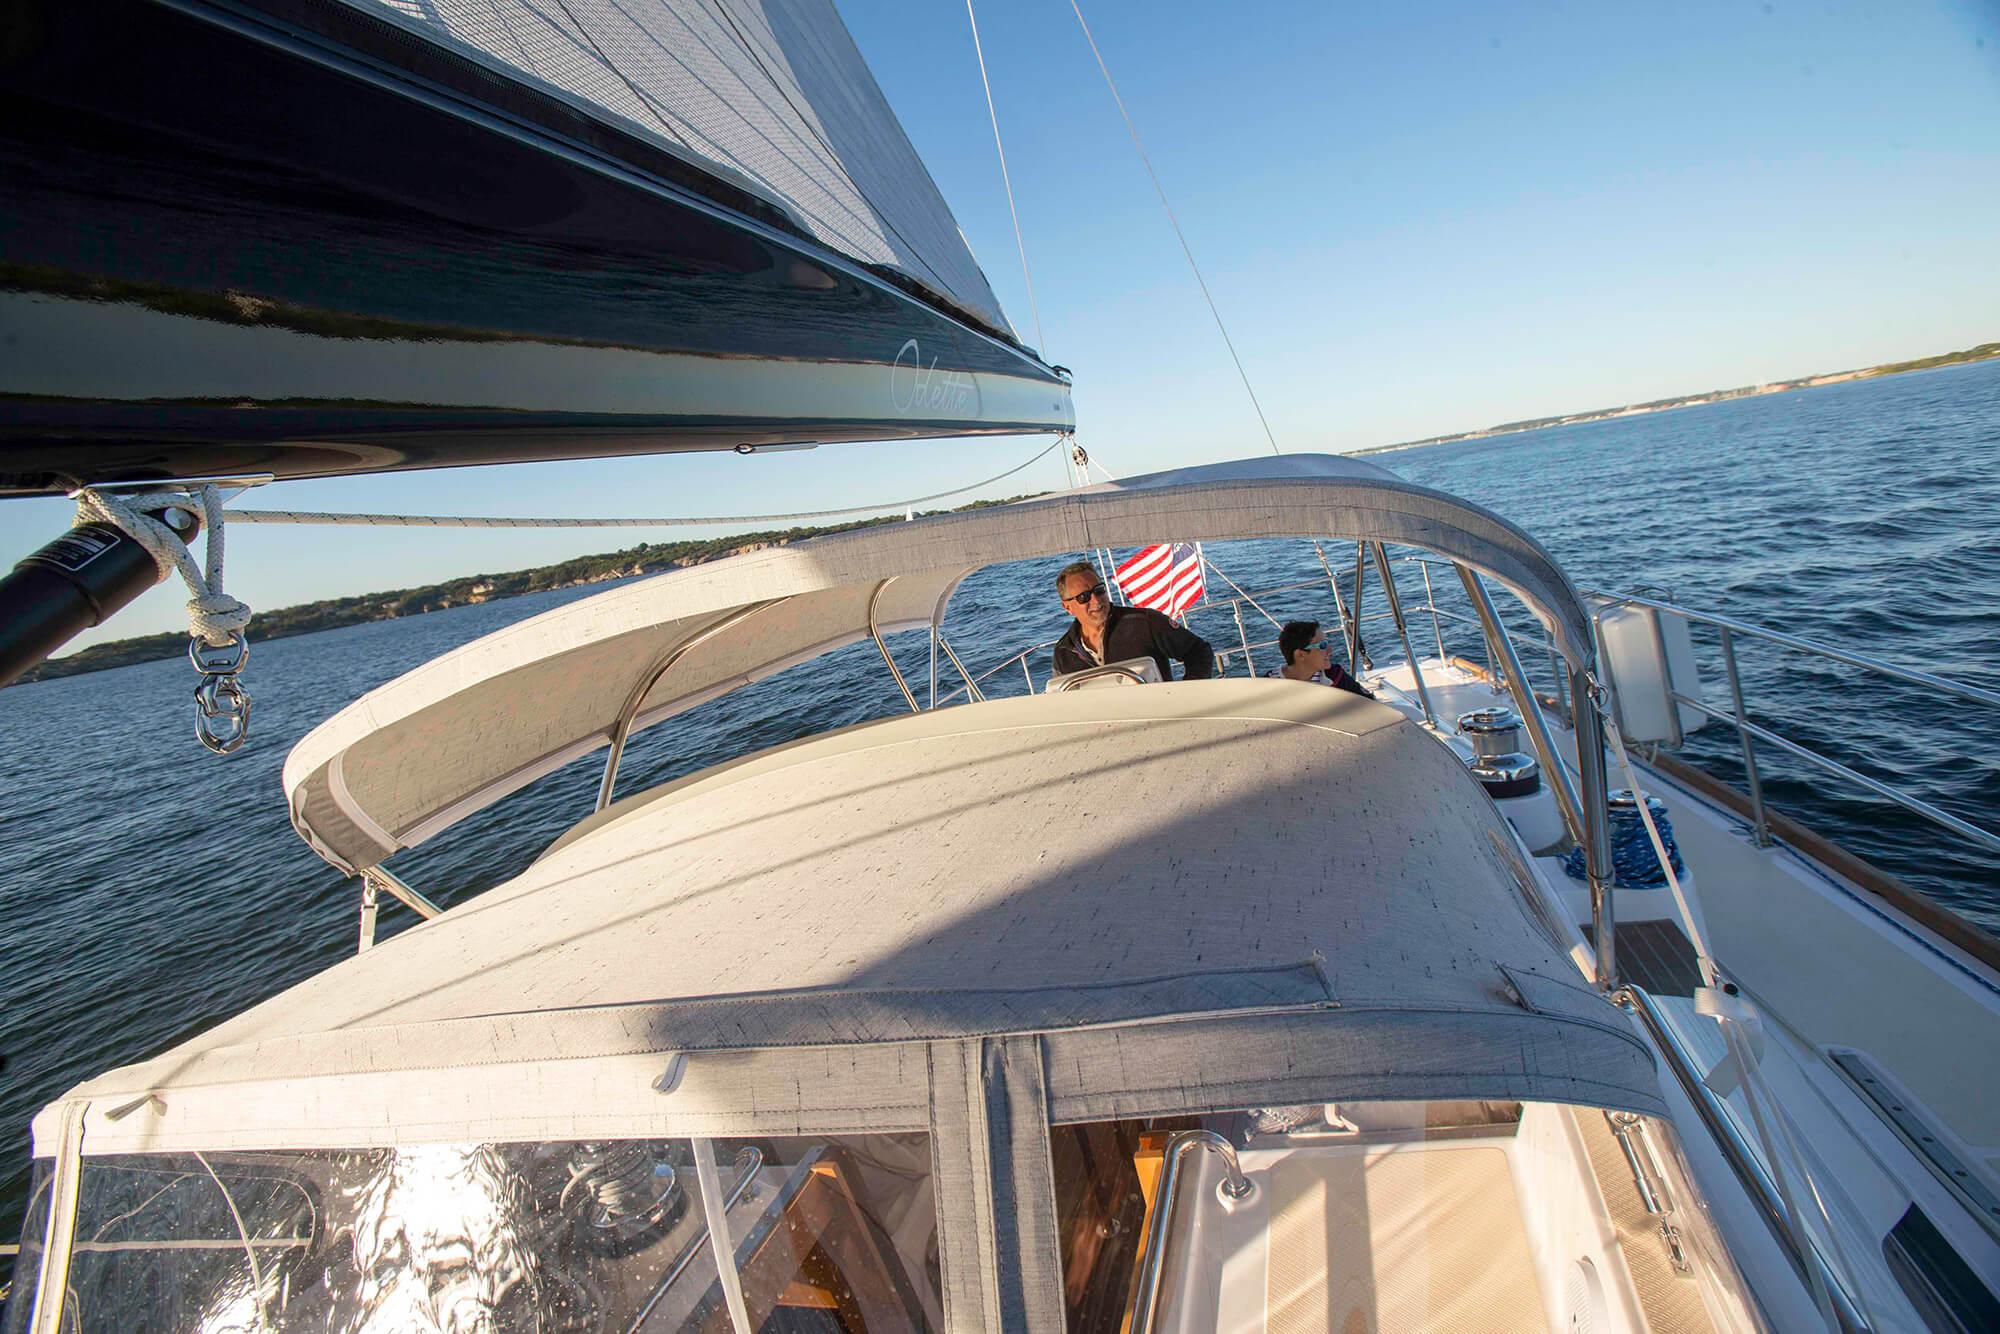 航行的帆船上有 Sunbrella Crest Ash 制成的遮阳篷和防浪板